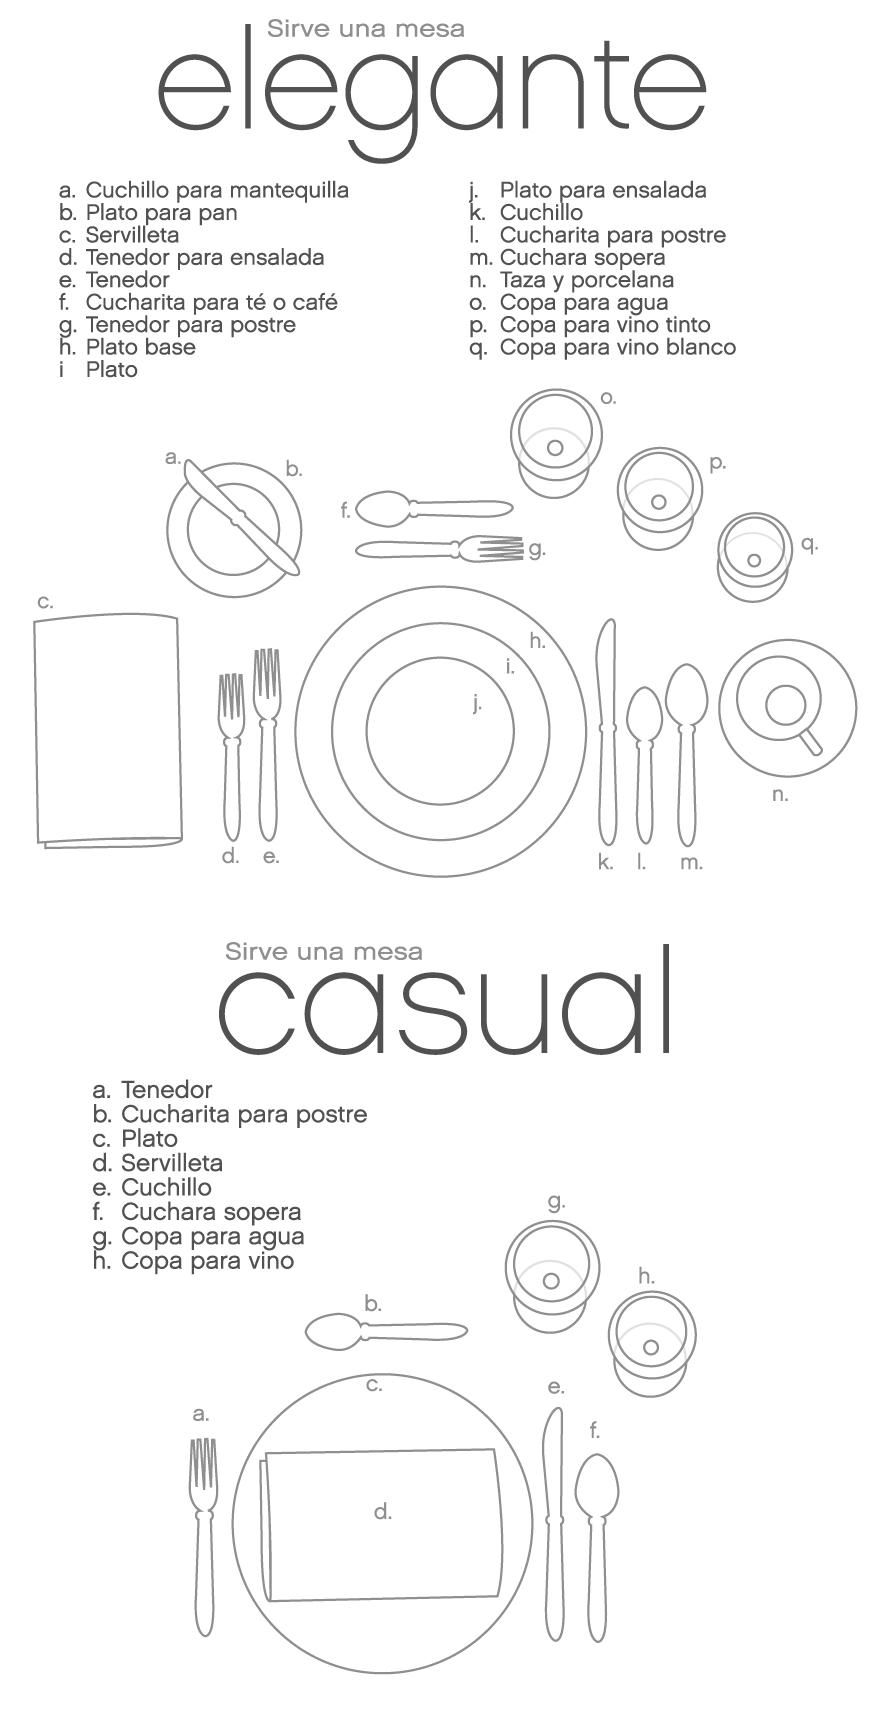 Cómo servir una mesa elegante y una mesa casual | ETIQUETA ...